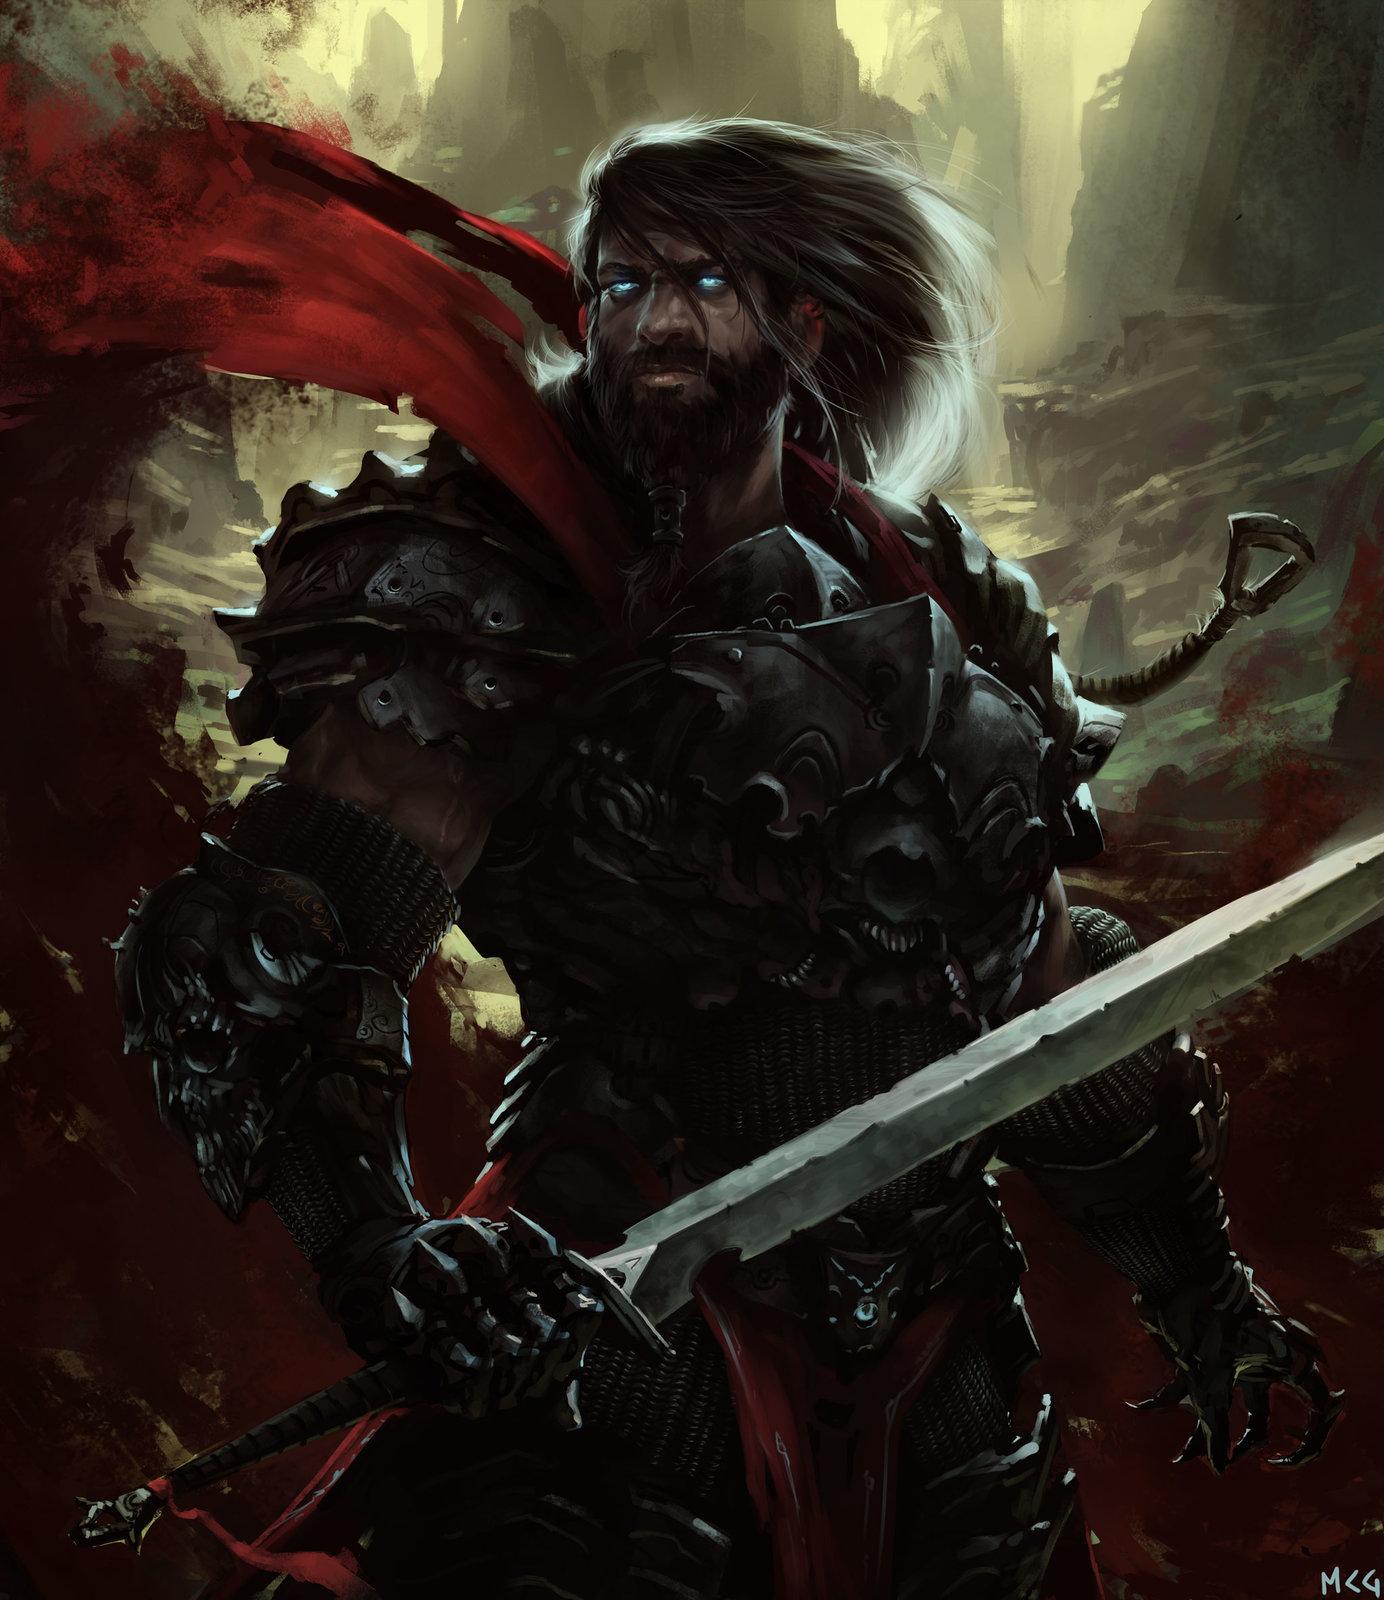 Standing sword dude